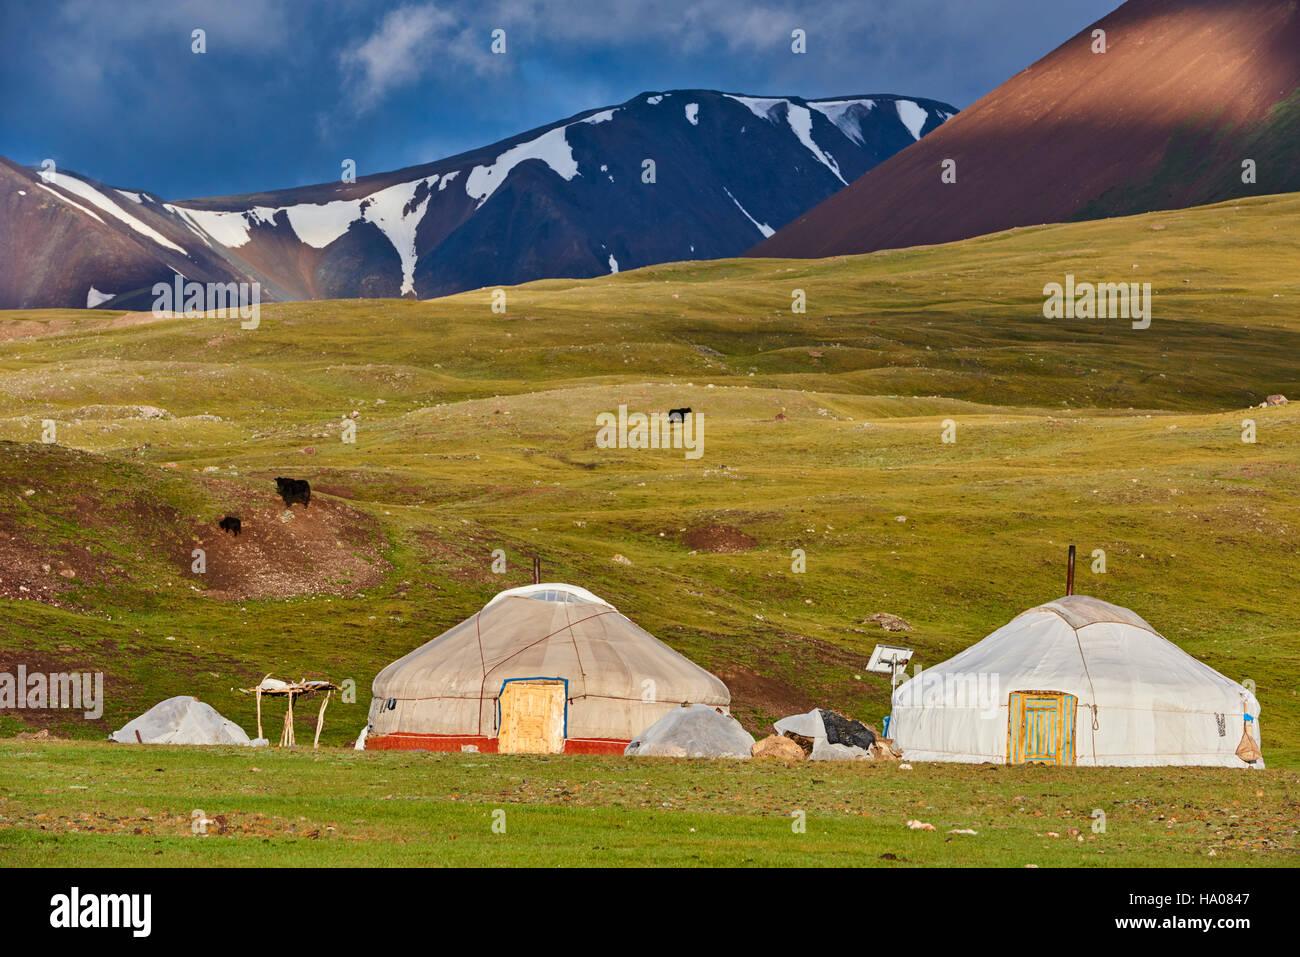 Mongolia, Bayan-Ulgii provincia, Mongolia occidentale, parco nazionale di Tavan Bogd, il 5 vetta più alta delle Immagini Stock